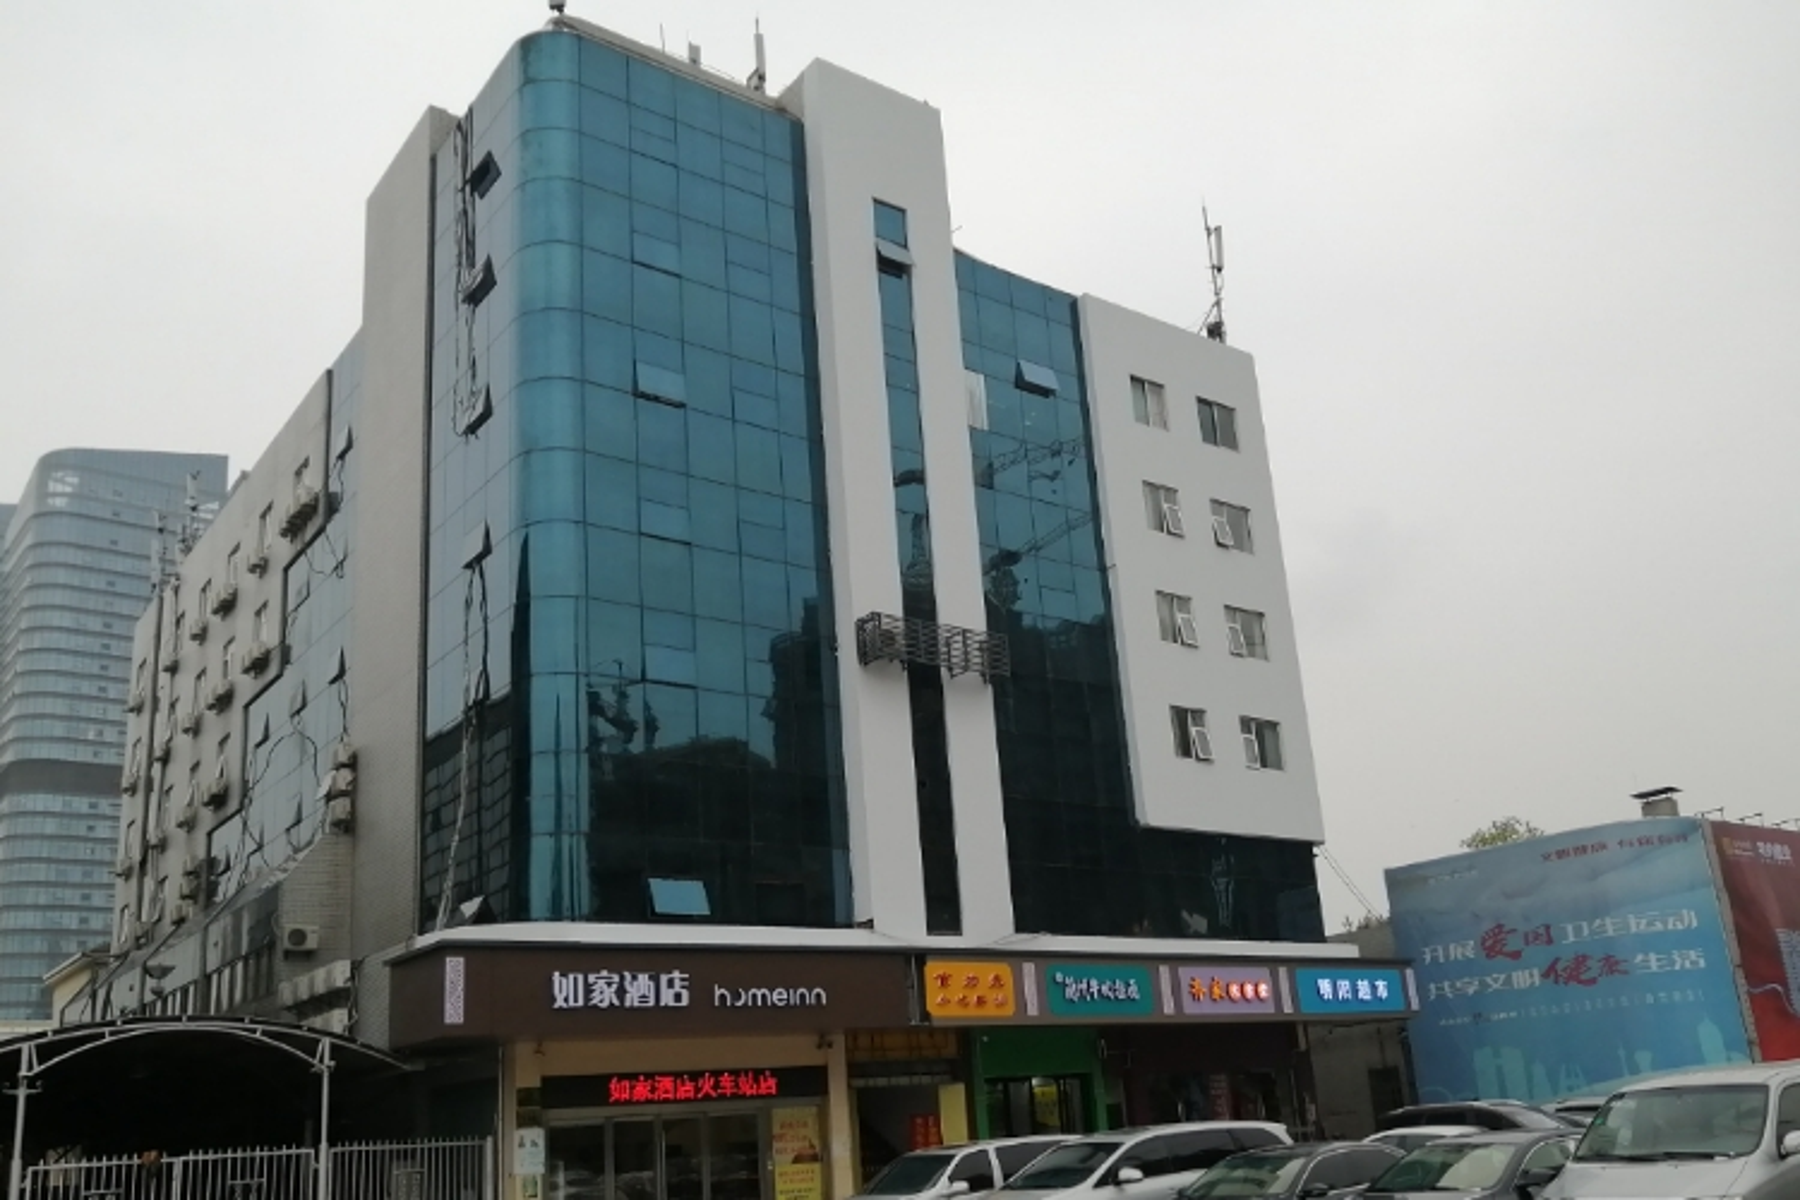 如家-常州火车站南广场站前中心店(内宾)